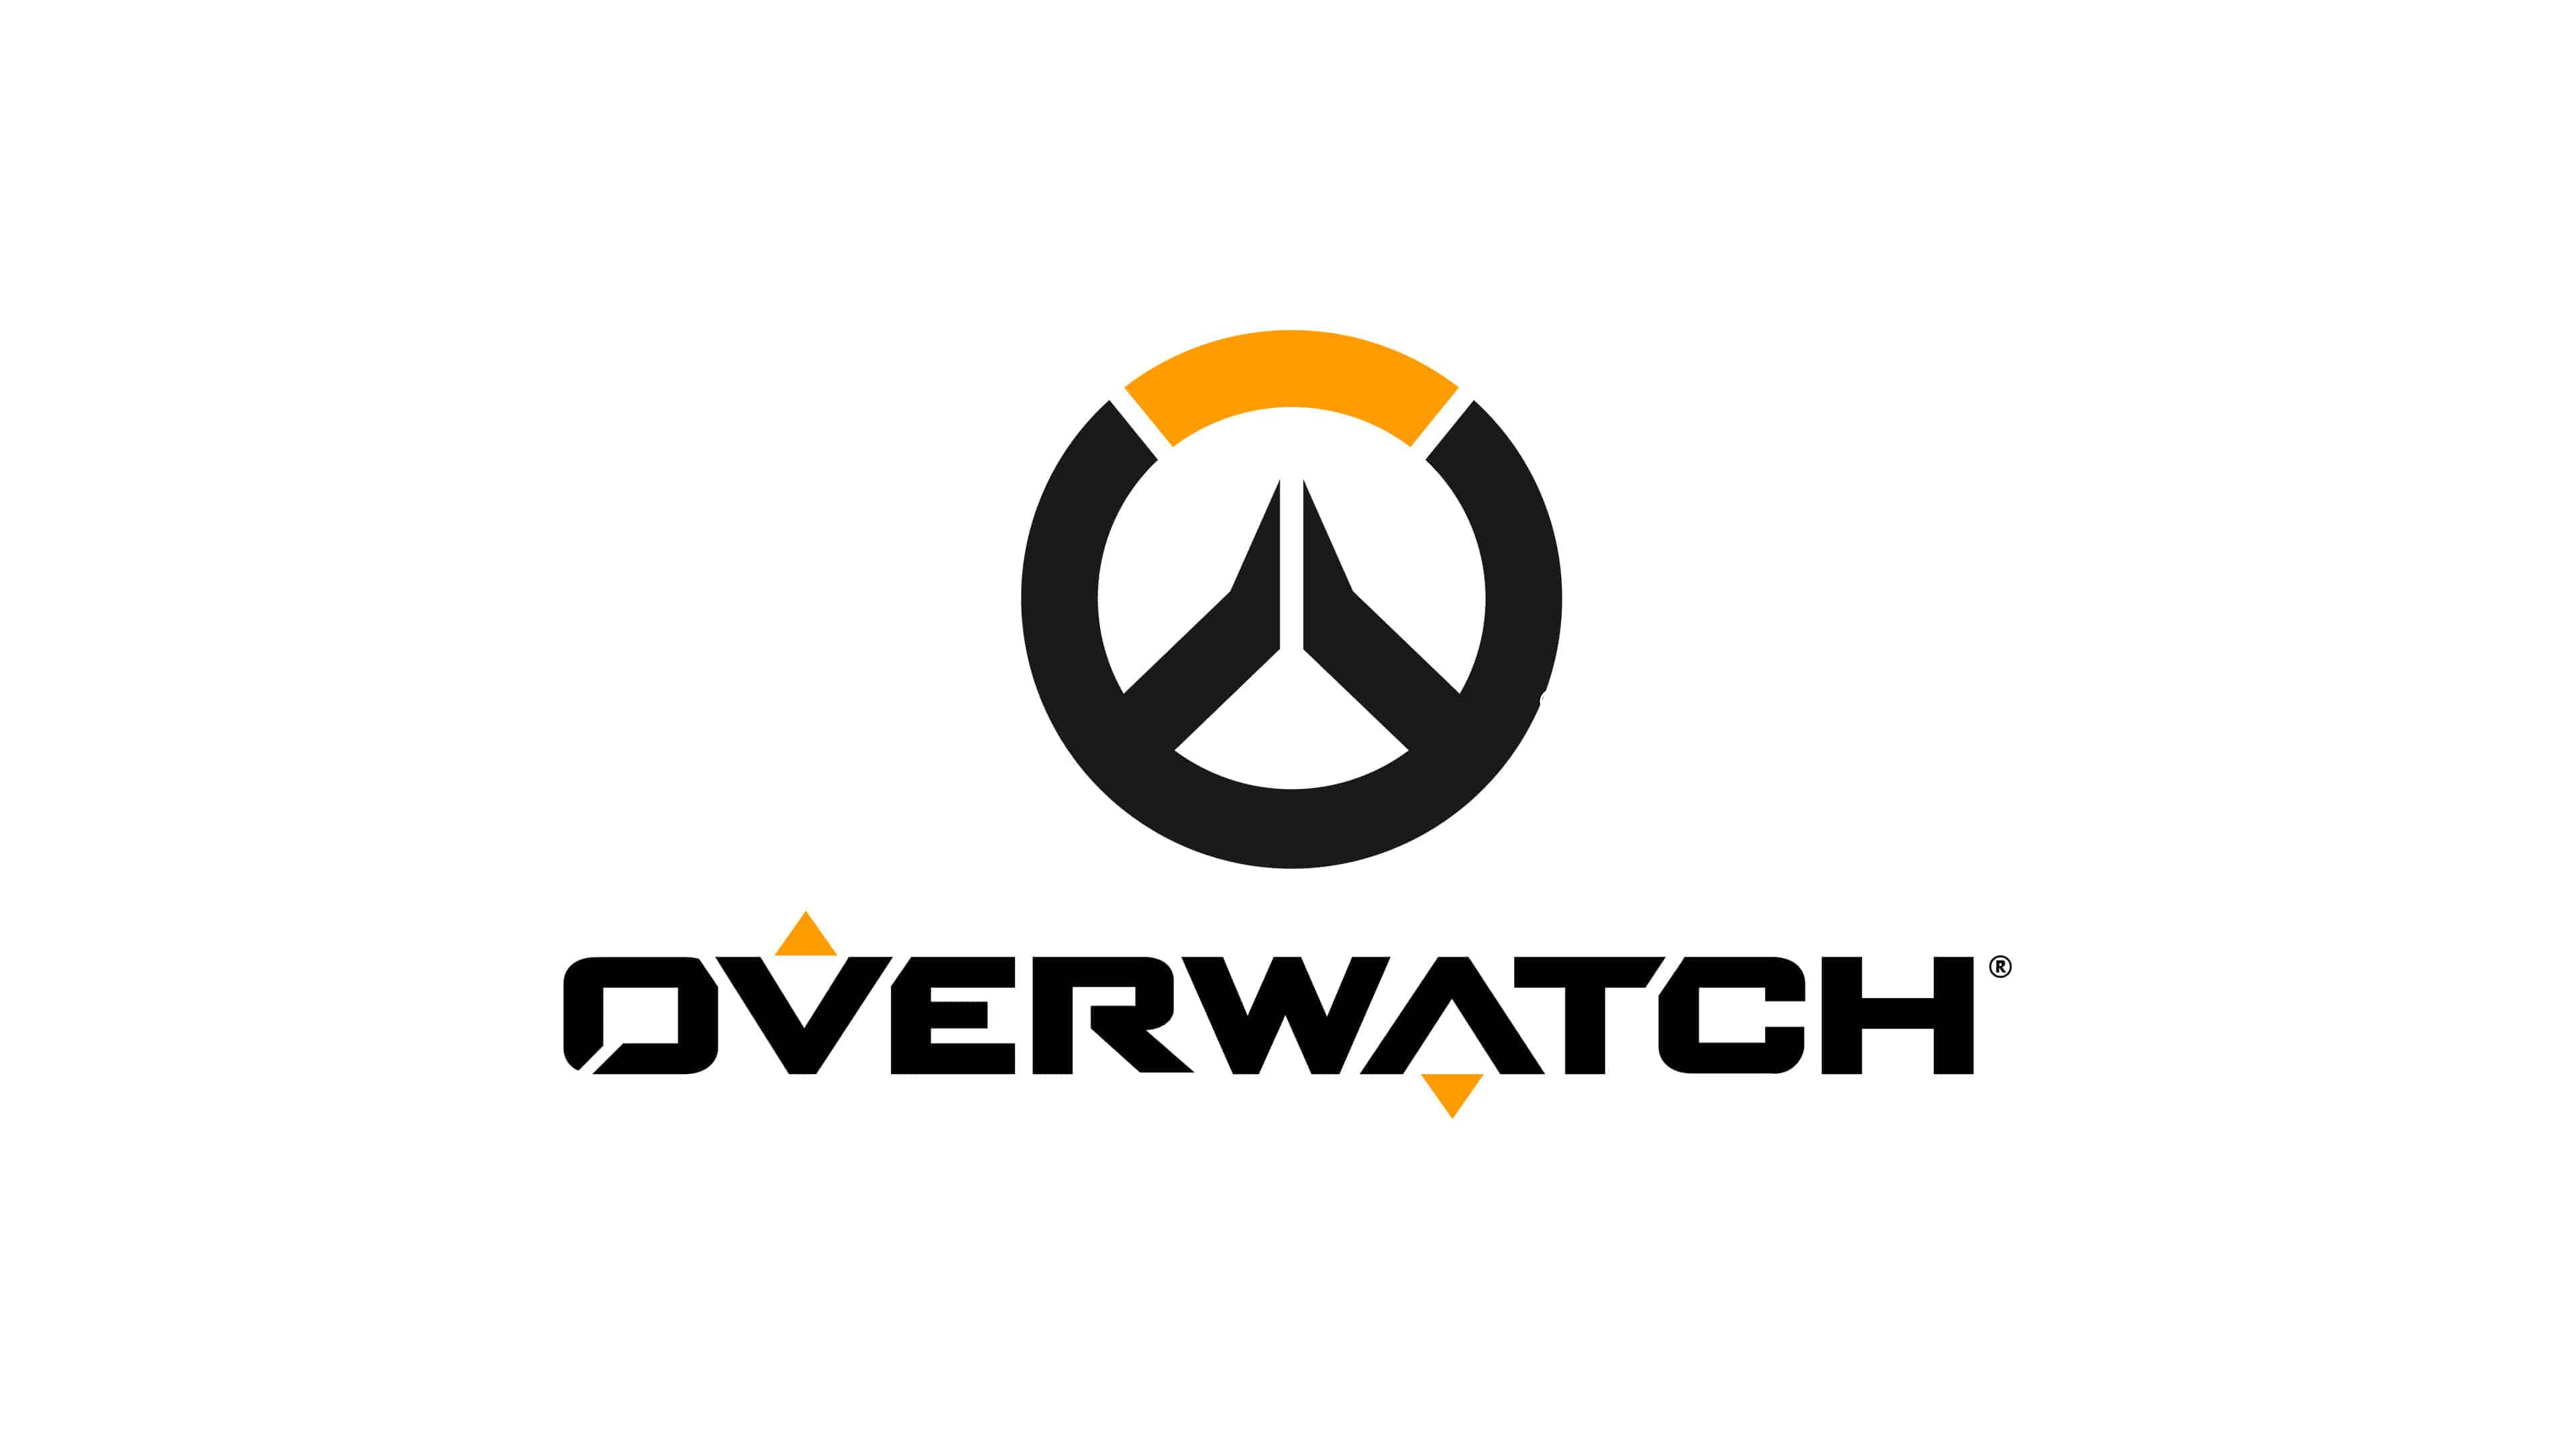 overwatch logo widescreen wallpaper 66514